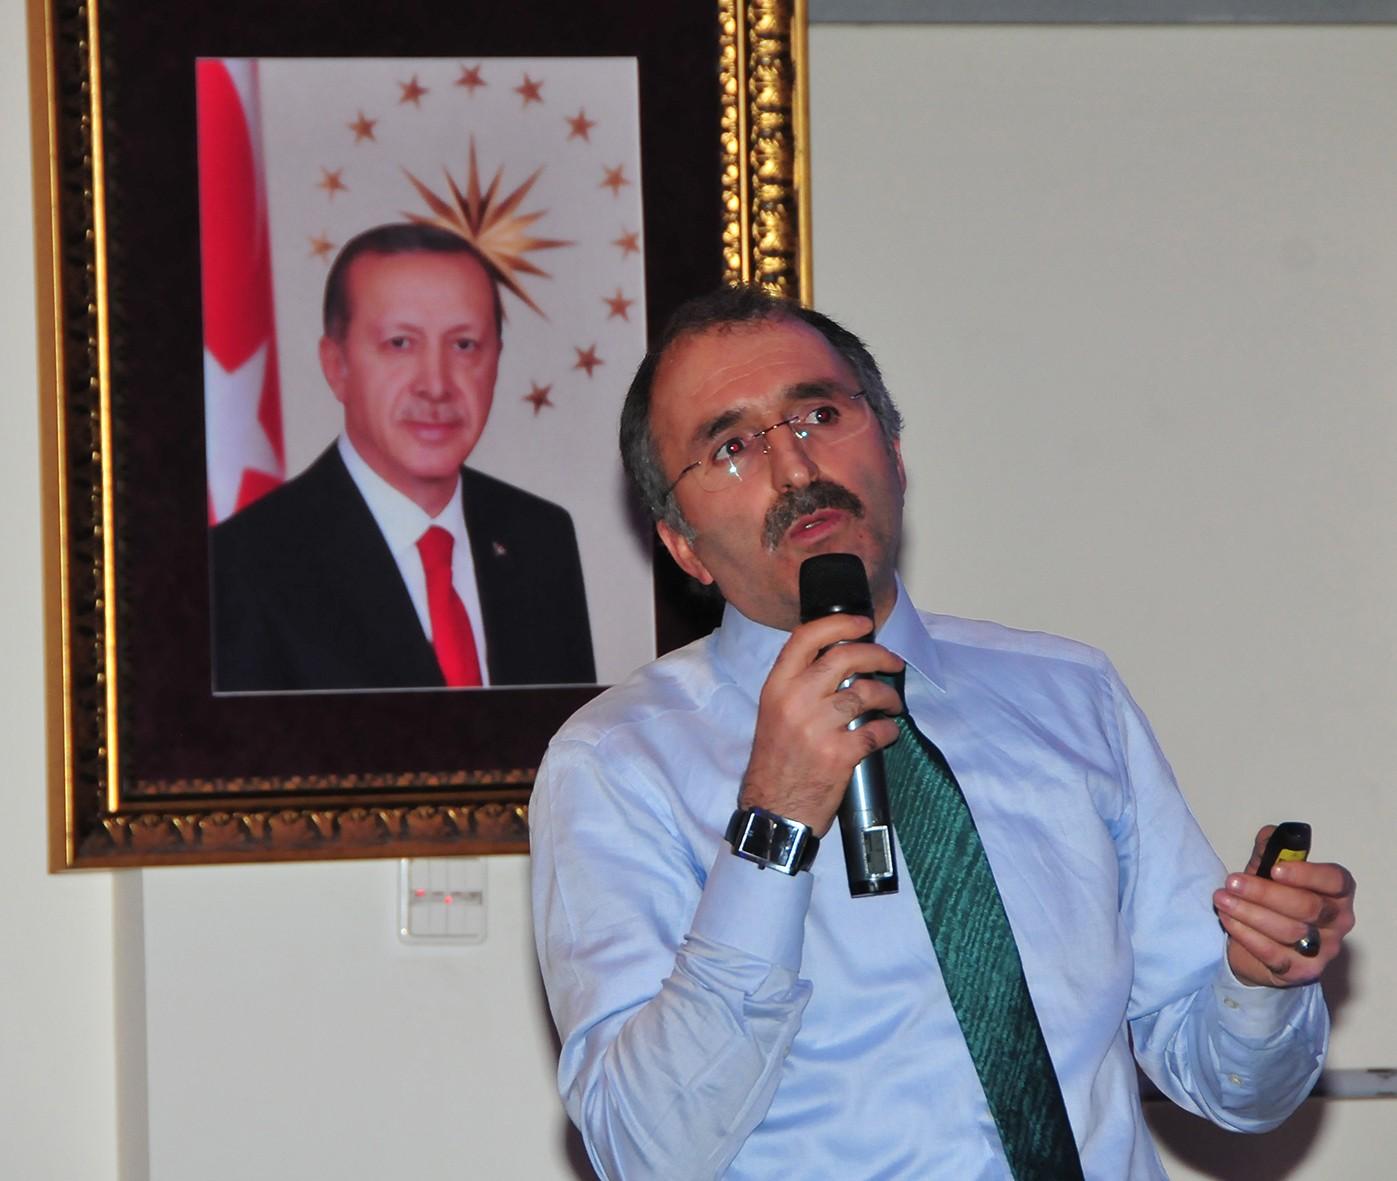 Yavilioğlu, referandum için 4 bin 890 kilometre katetti